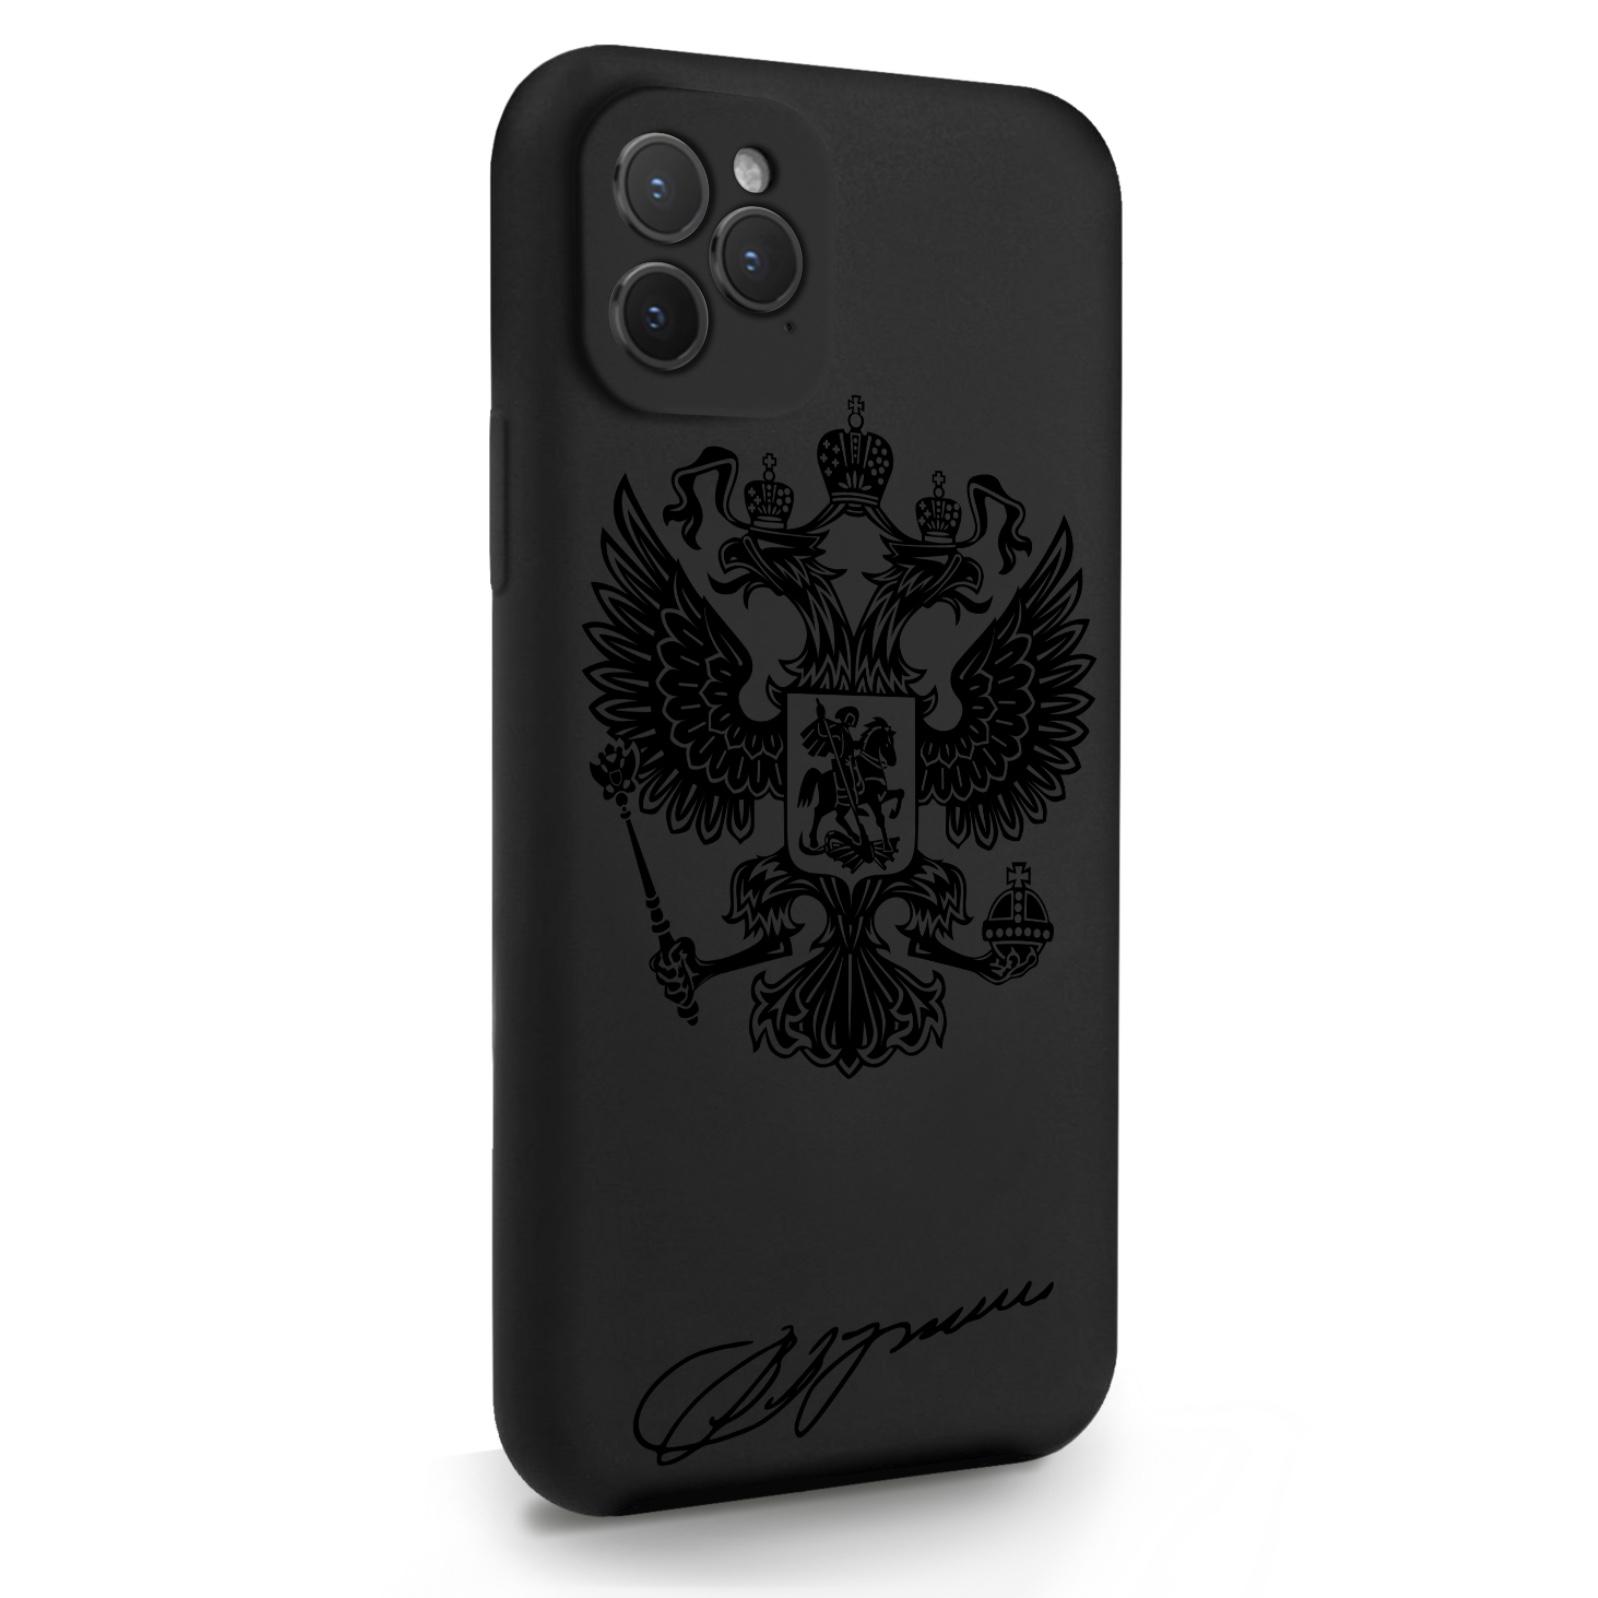 Черный пластиковый чехол для iPhone 11 Pro Черный лаковый Герб для Айфон 11 Про